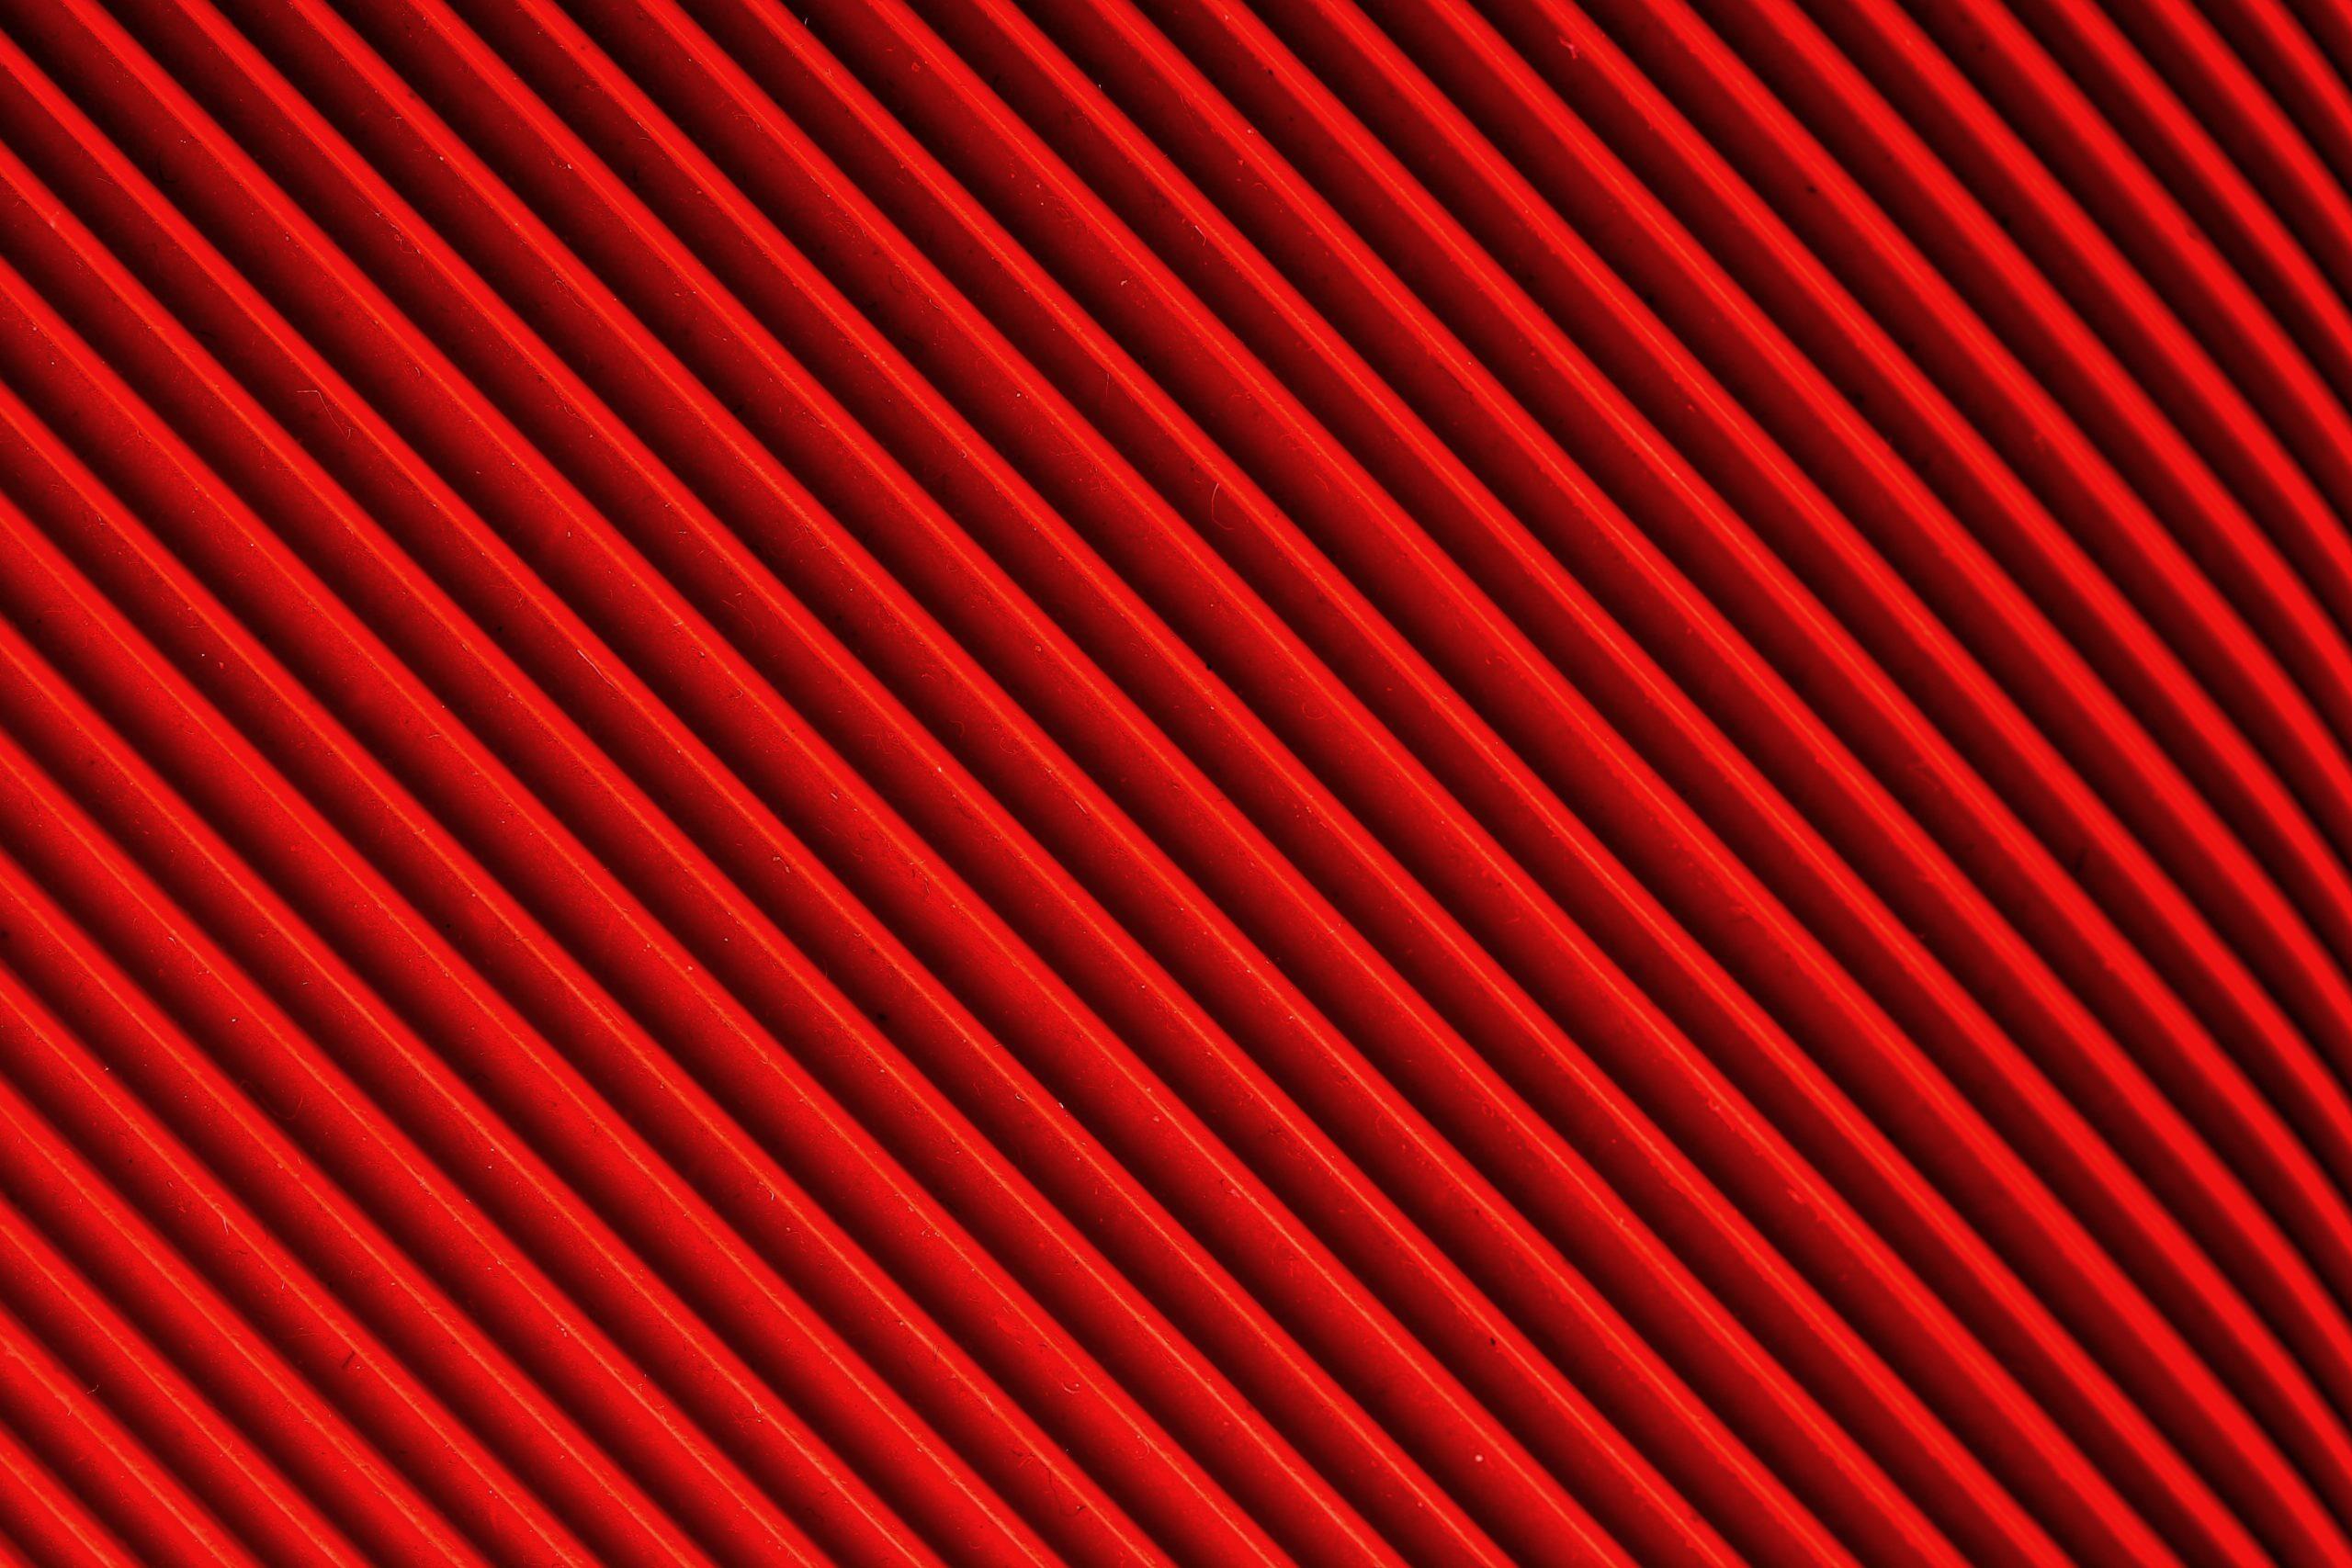 Fondo de pantalla Rojo